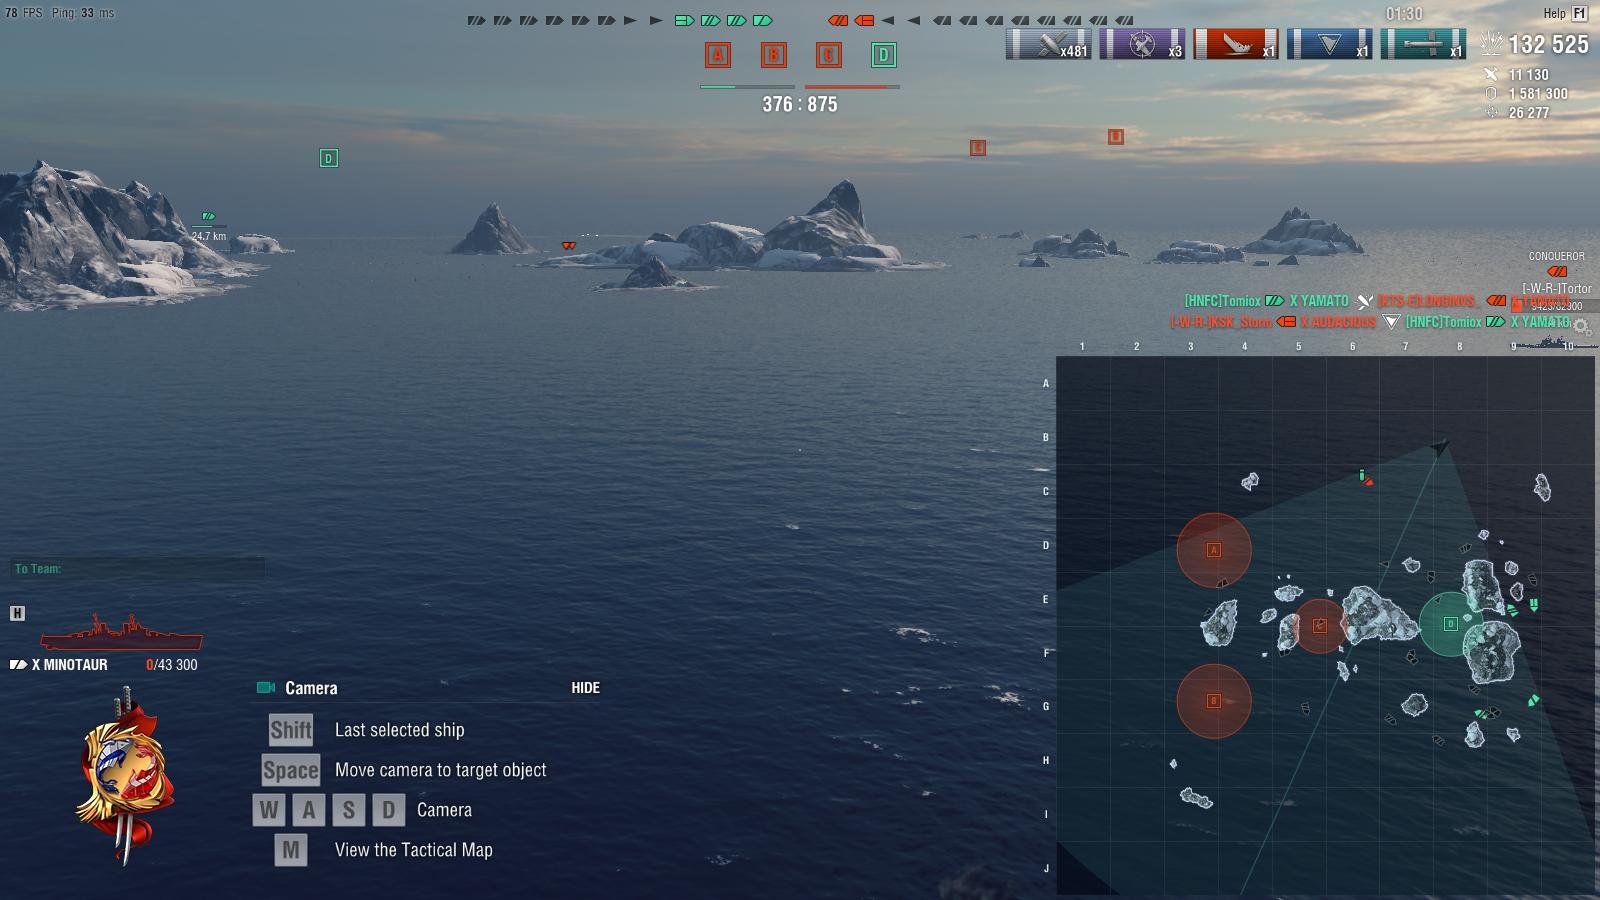 shot-19.11.08_22.52.30-0869.jpg